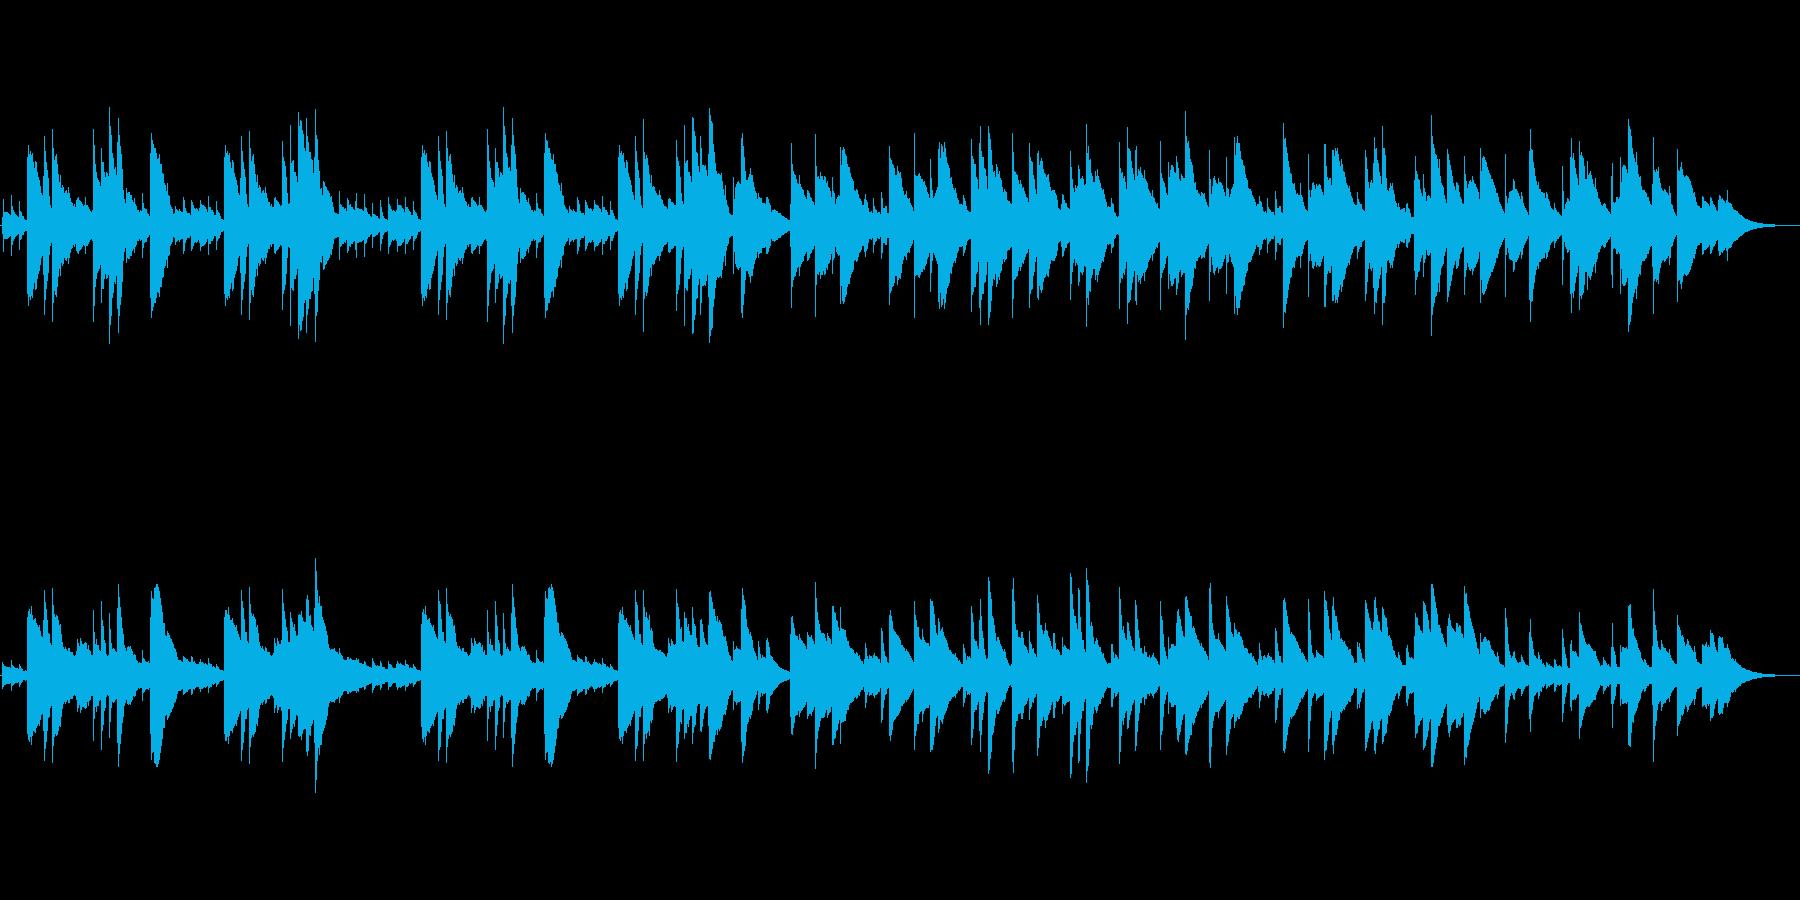 回想や思い出をイメージしたオルゴール曲の再生済みの波形